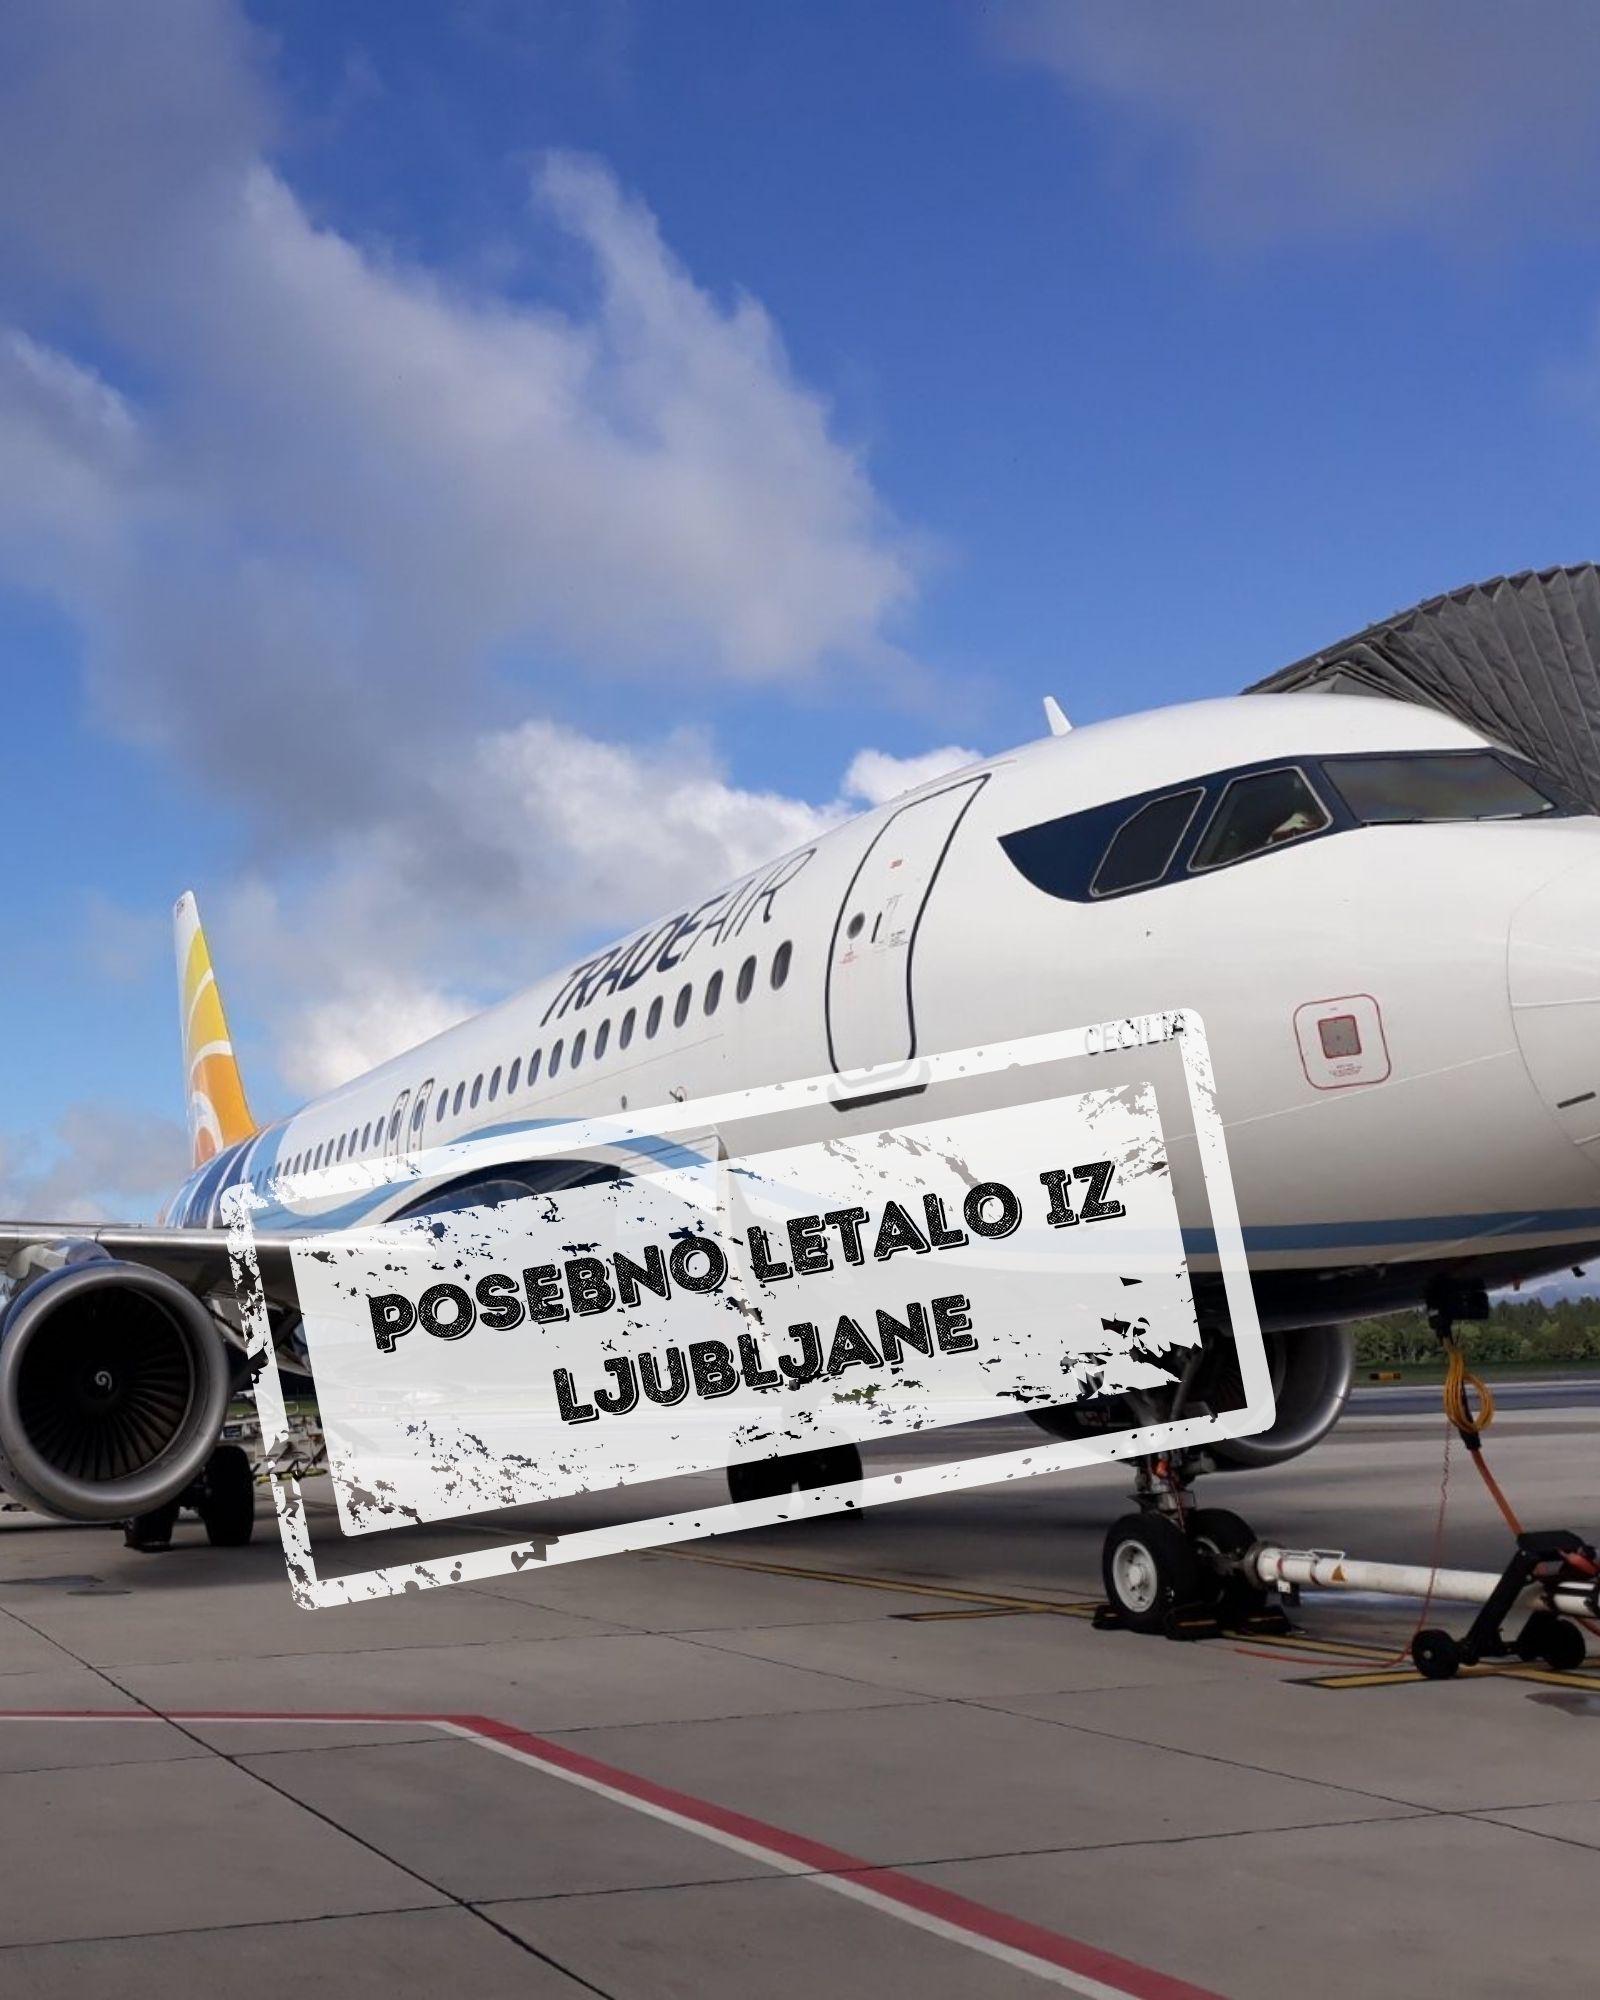 Tenerife - posebno letalo iz Ljubljane - samo let 7 dni